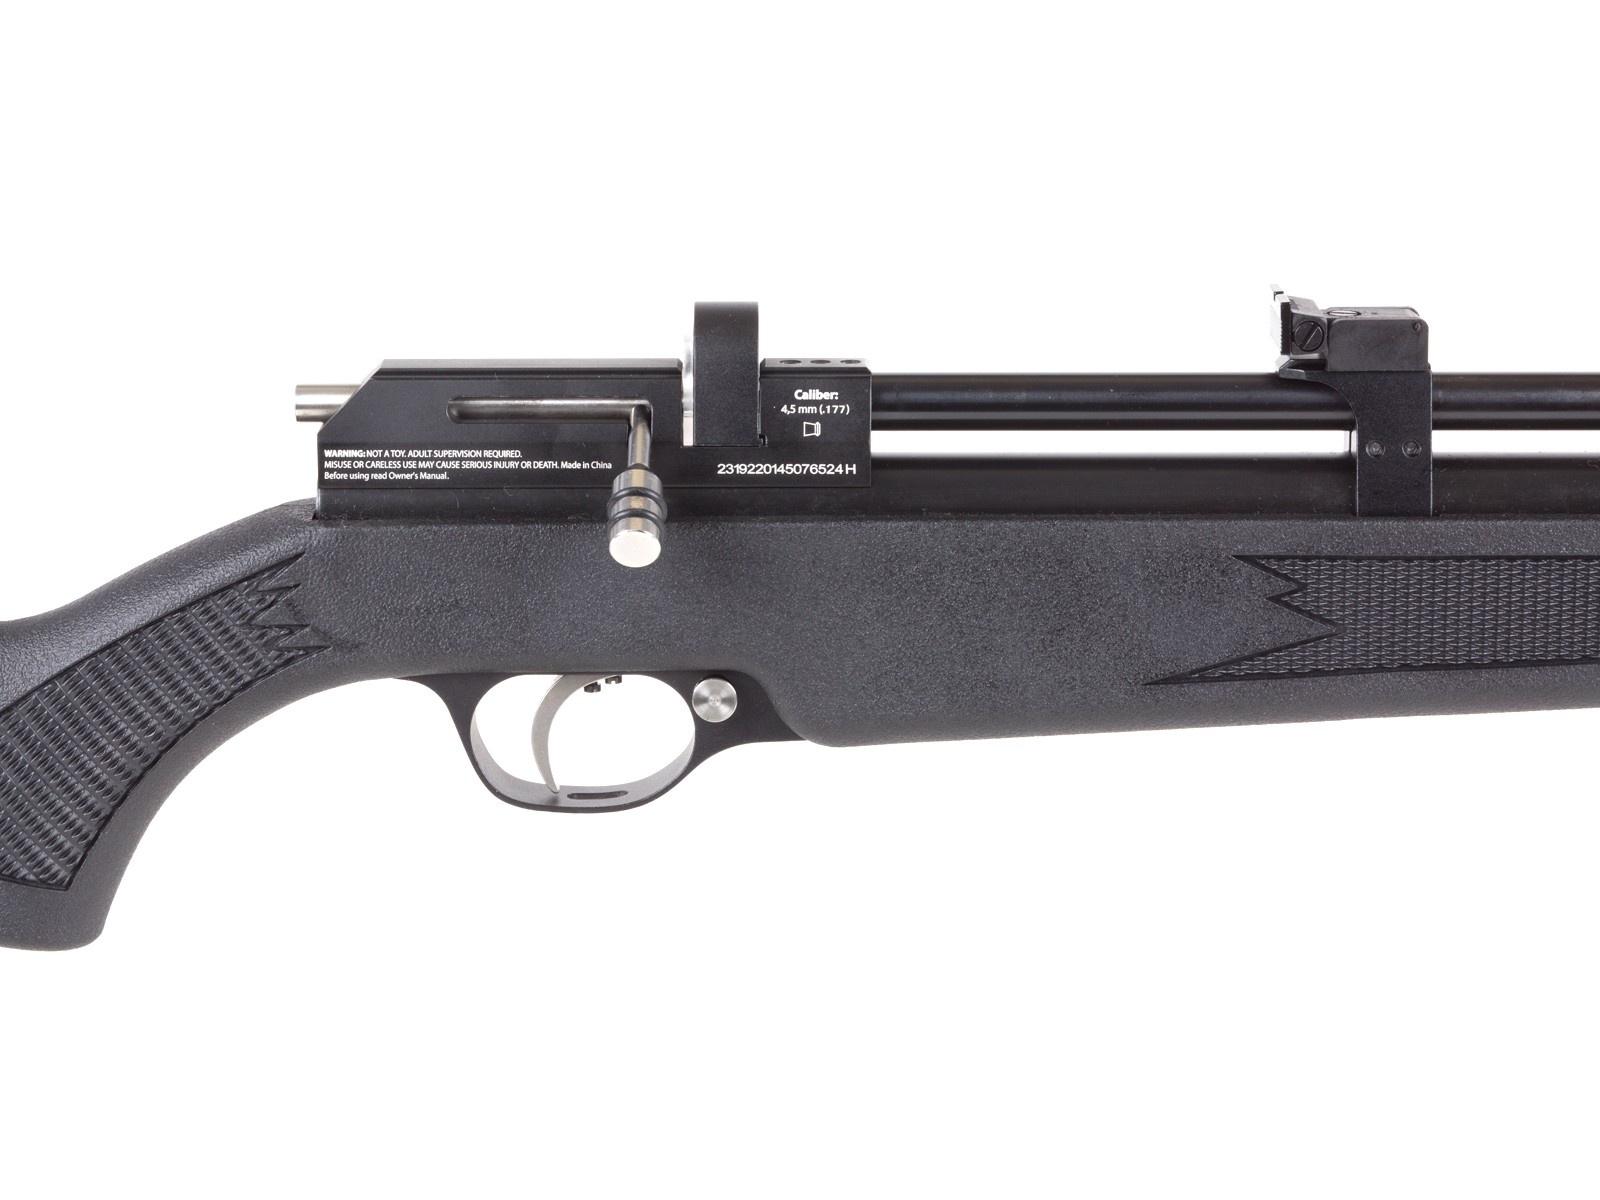 Diana Stormrider Multishot PCP Air Rifle 0.177 Cal (4.5mm)